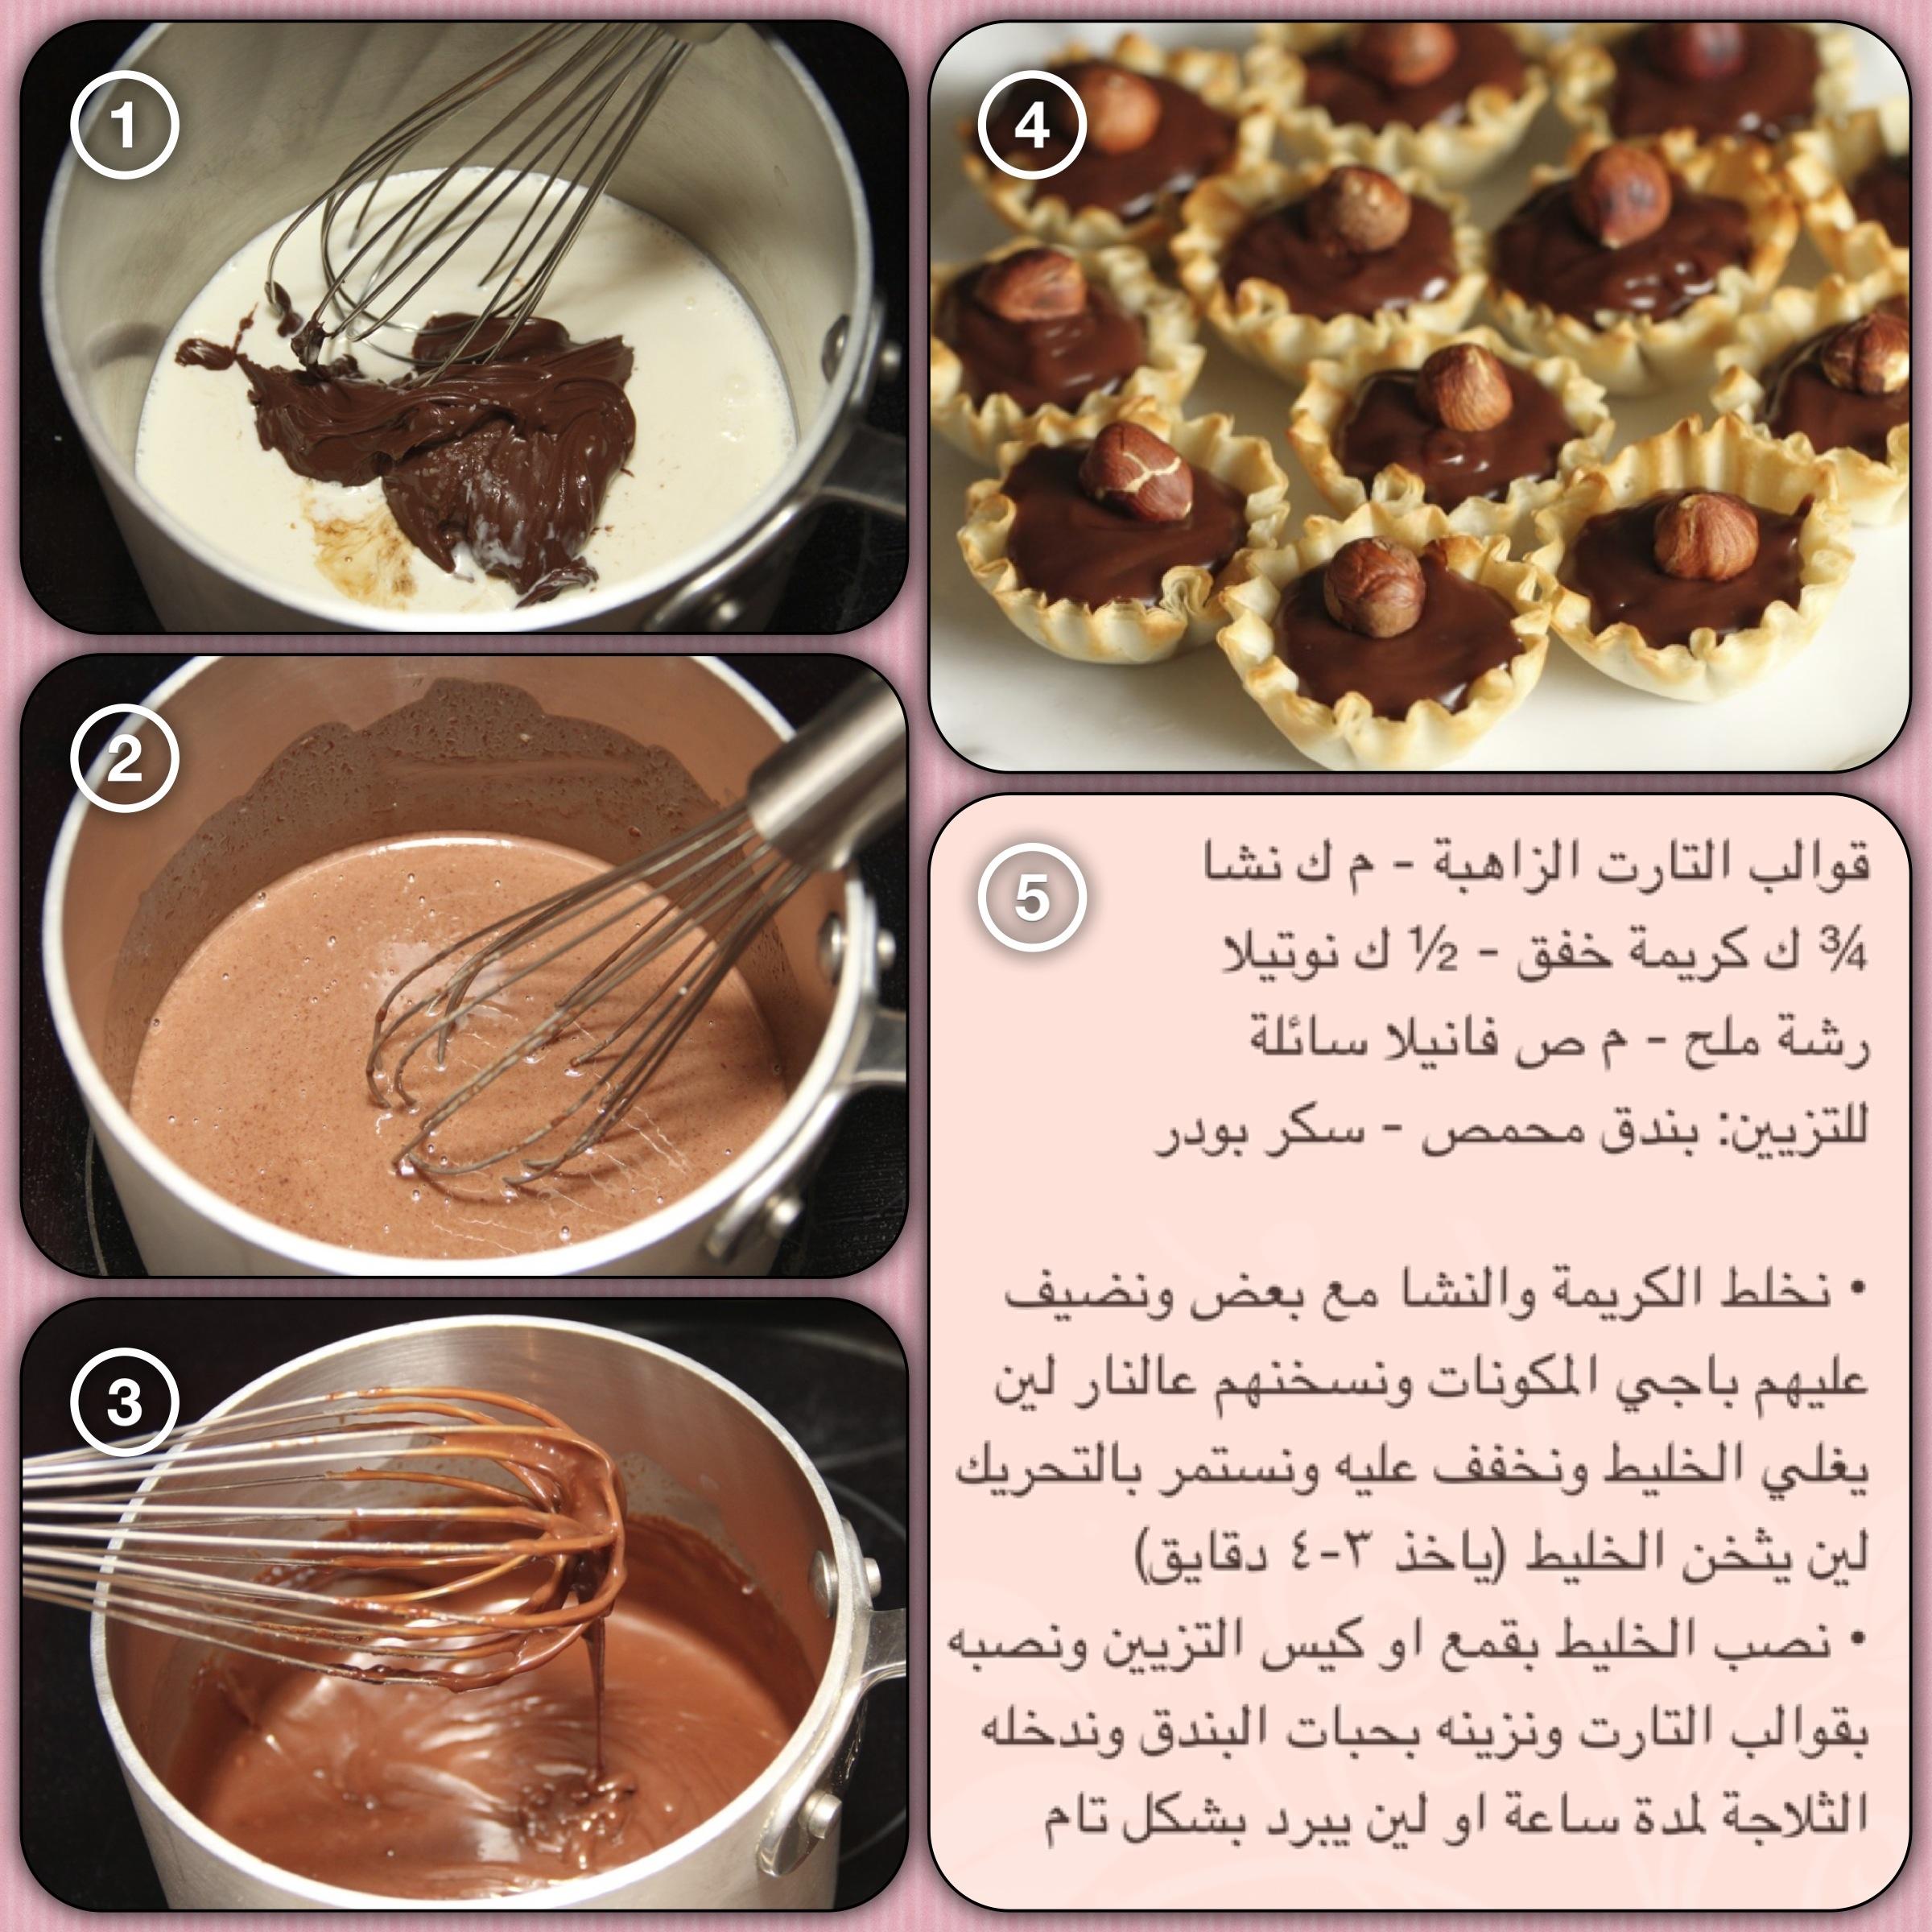 بالصور وصفات حلويات مصورة , اجمل الصور والتطبيقات لاشهى والذ اطباق حلويات 1160 6